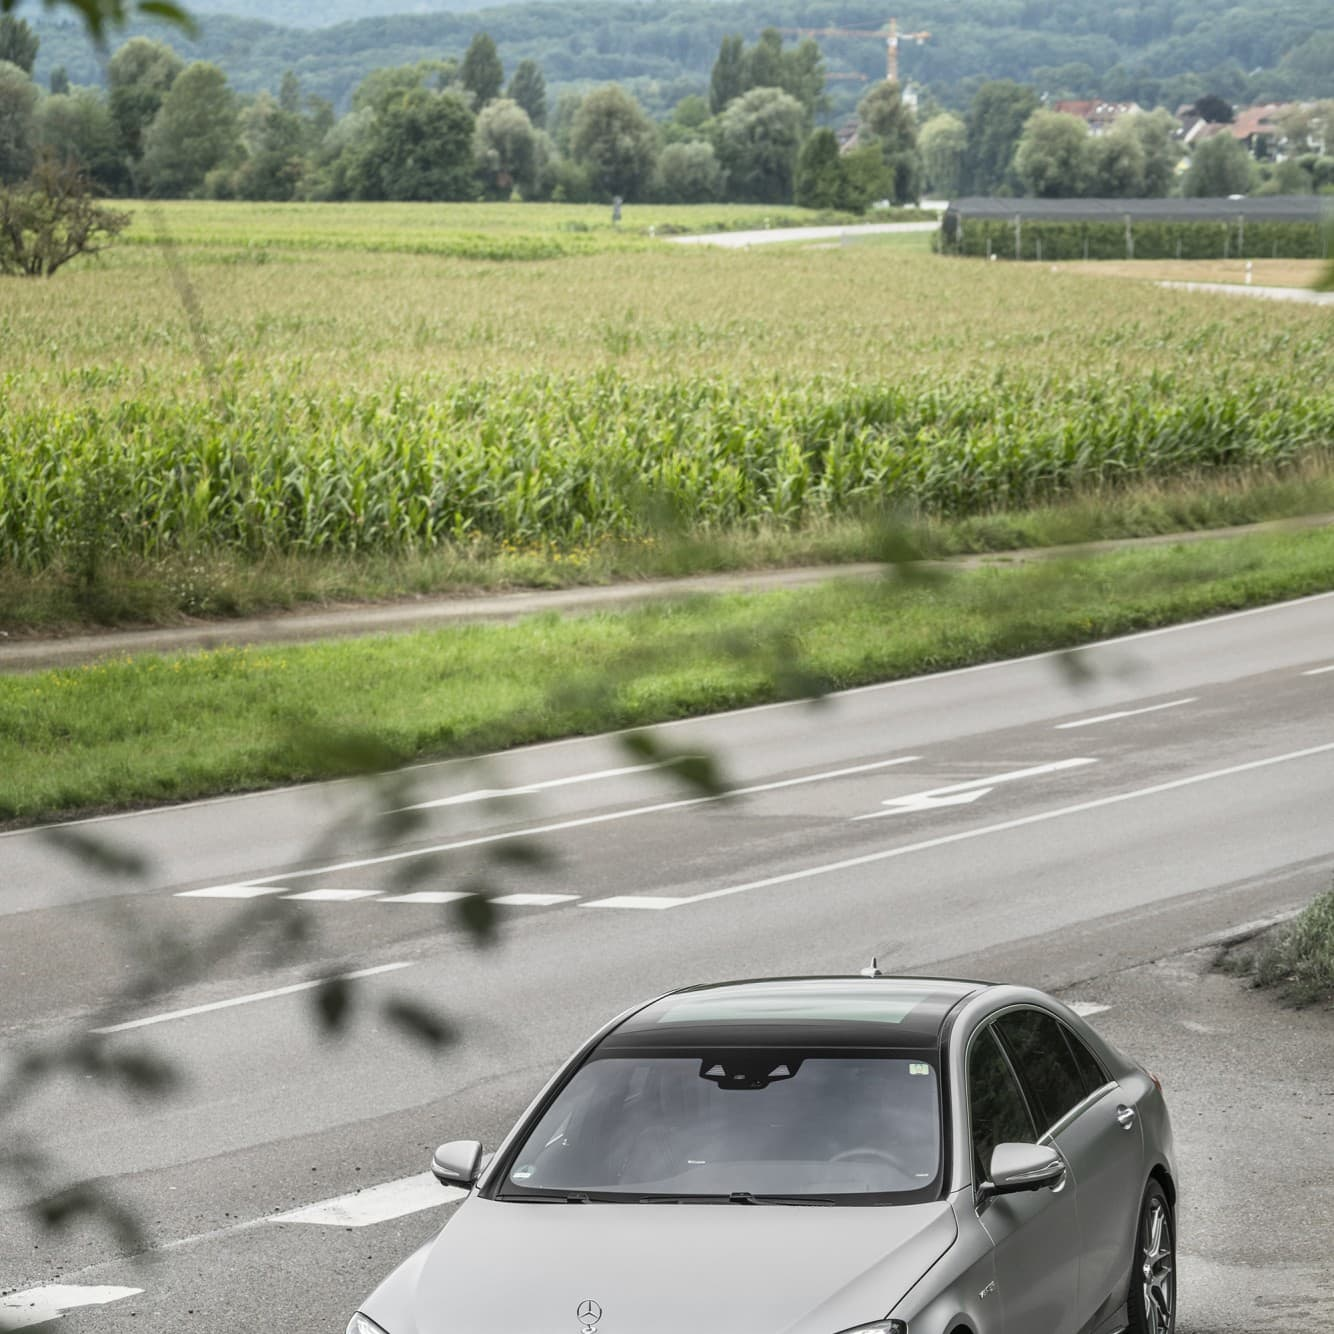 Nya Mercedes S63 AMG har fått en ny rundare front gentemot sin föregångare. Det kan vara svårt att skilja C-, E- och S-Klass om man inte vet vad man ska titta efter.